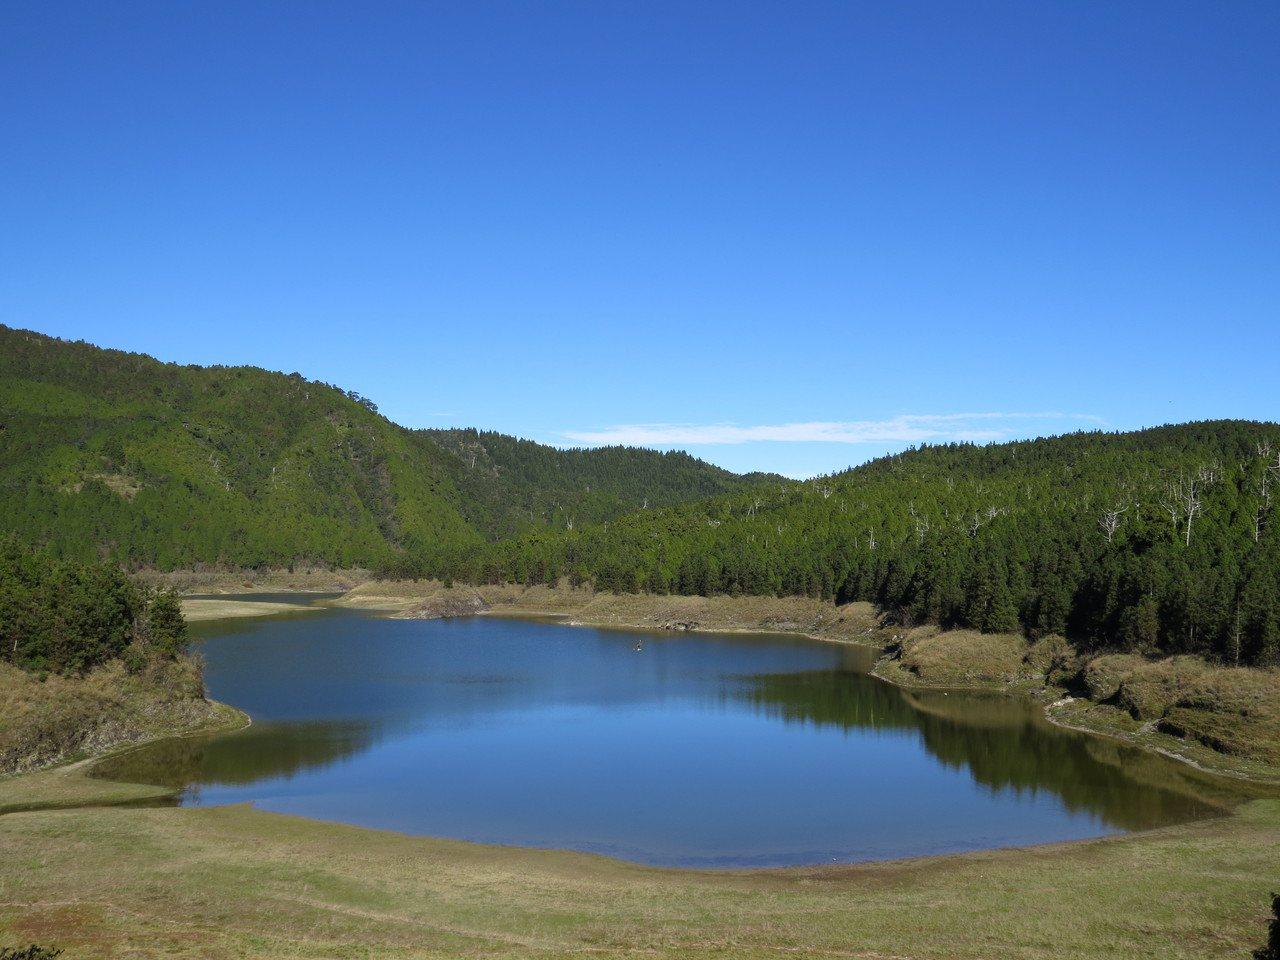 太平山翠峰湖有著美麗的景觀。圖/原森旅行社提供